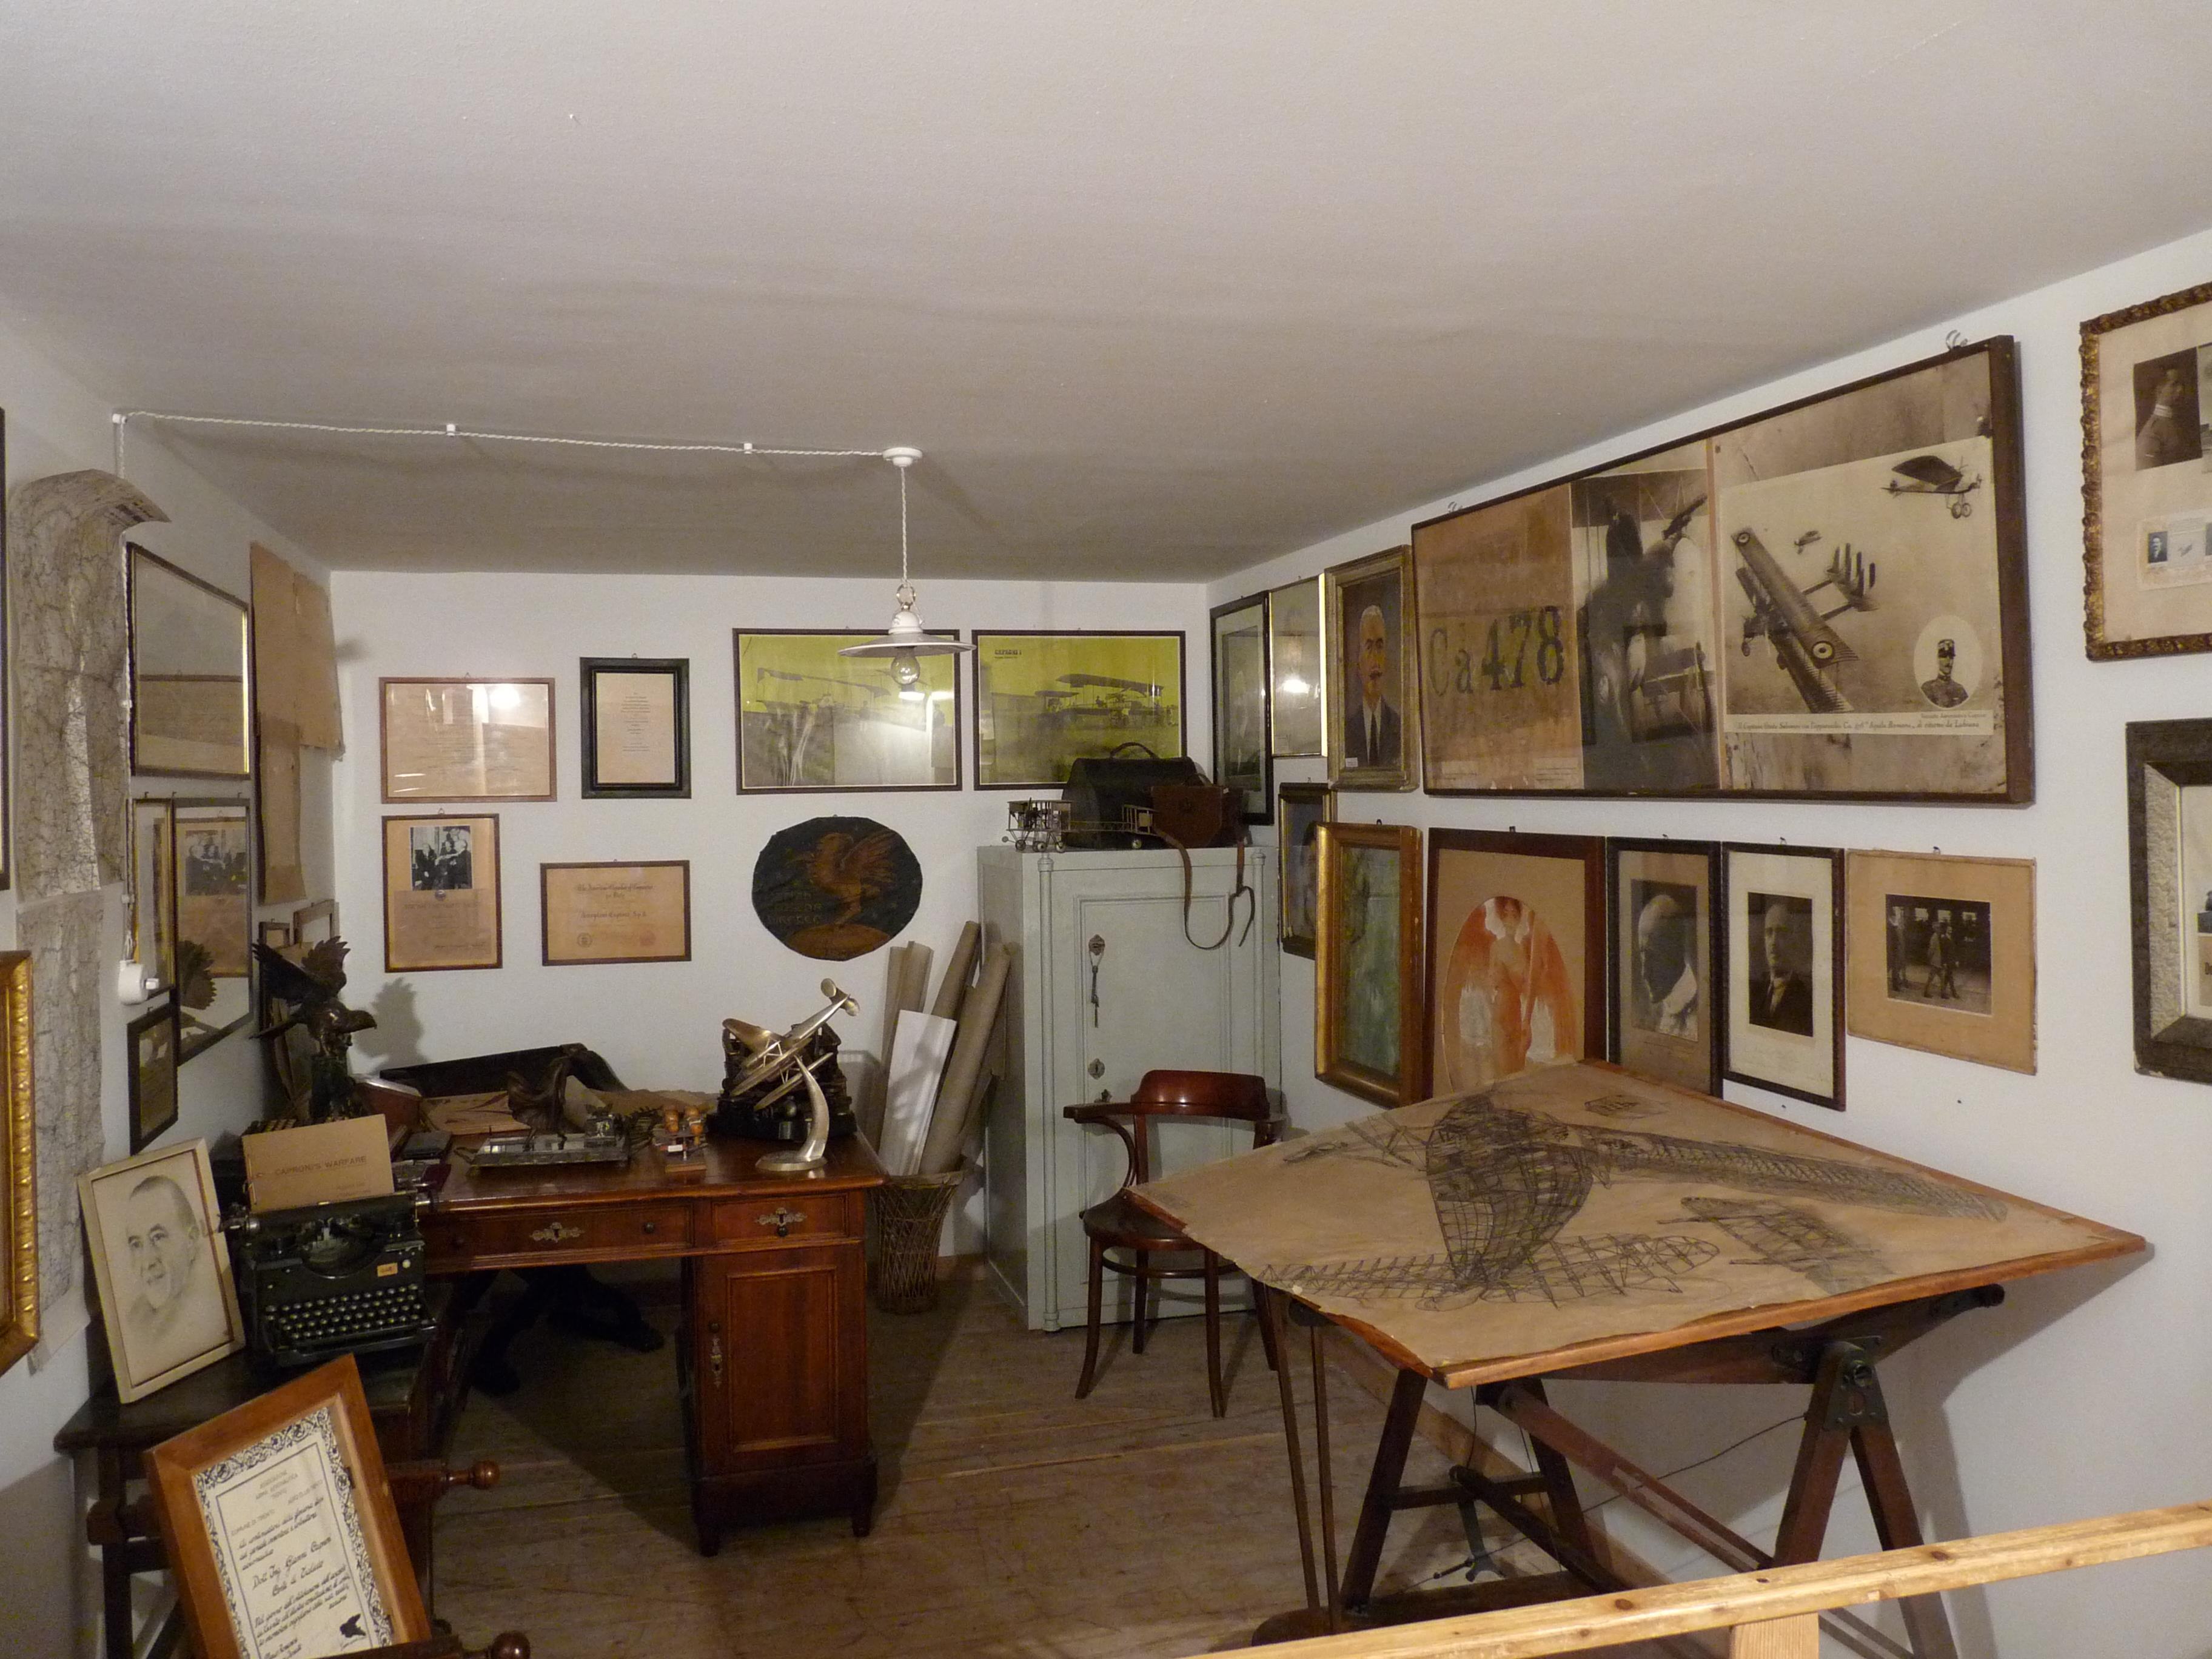 Ufficio Wikipedia : File:trento museo gianni caproni ufficio gianni caproni.jpg wikipedia